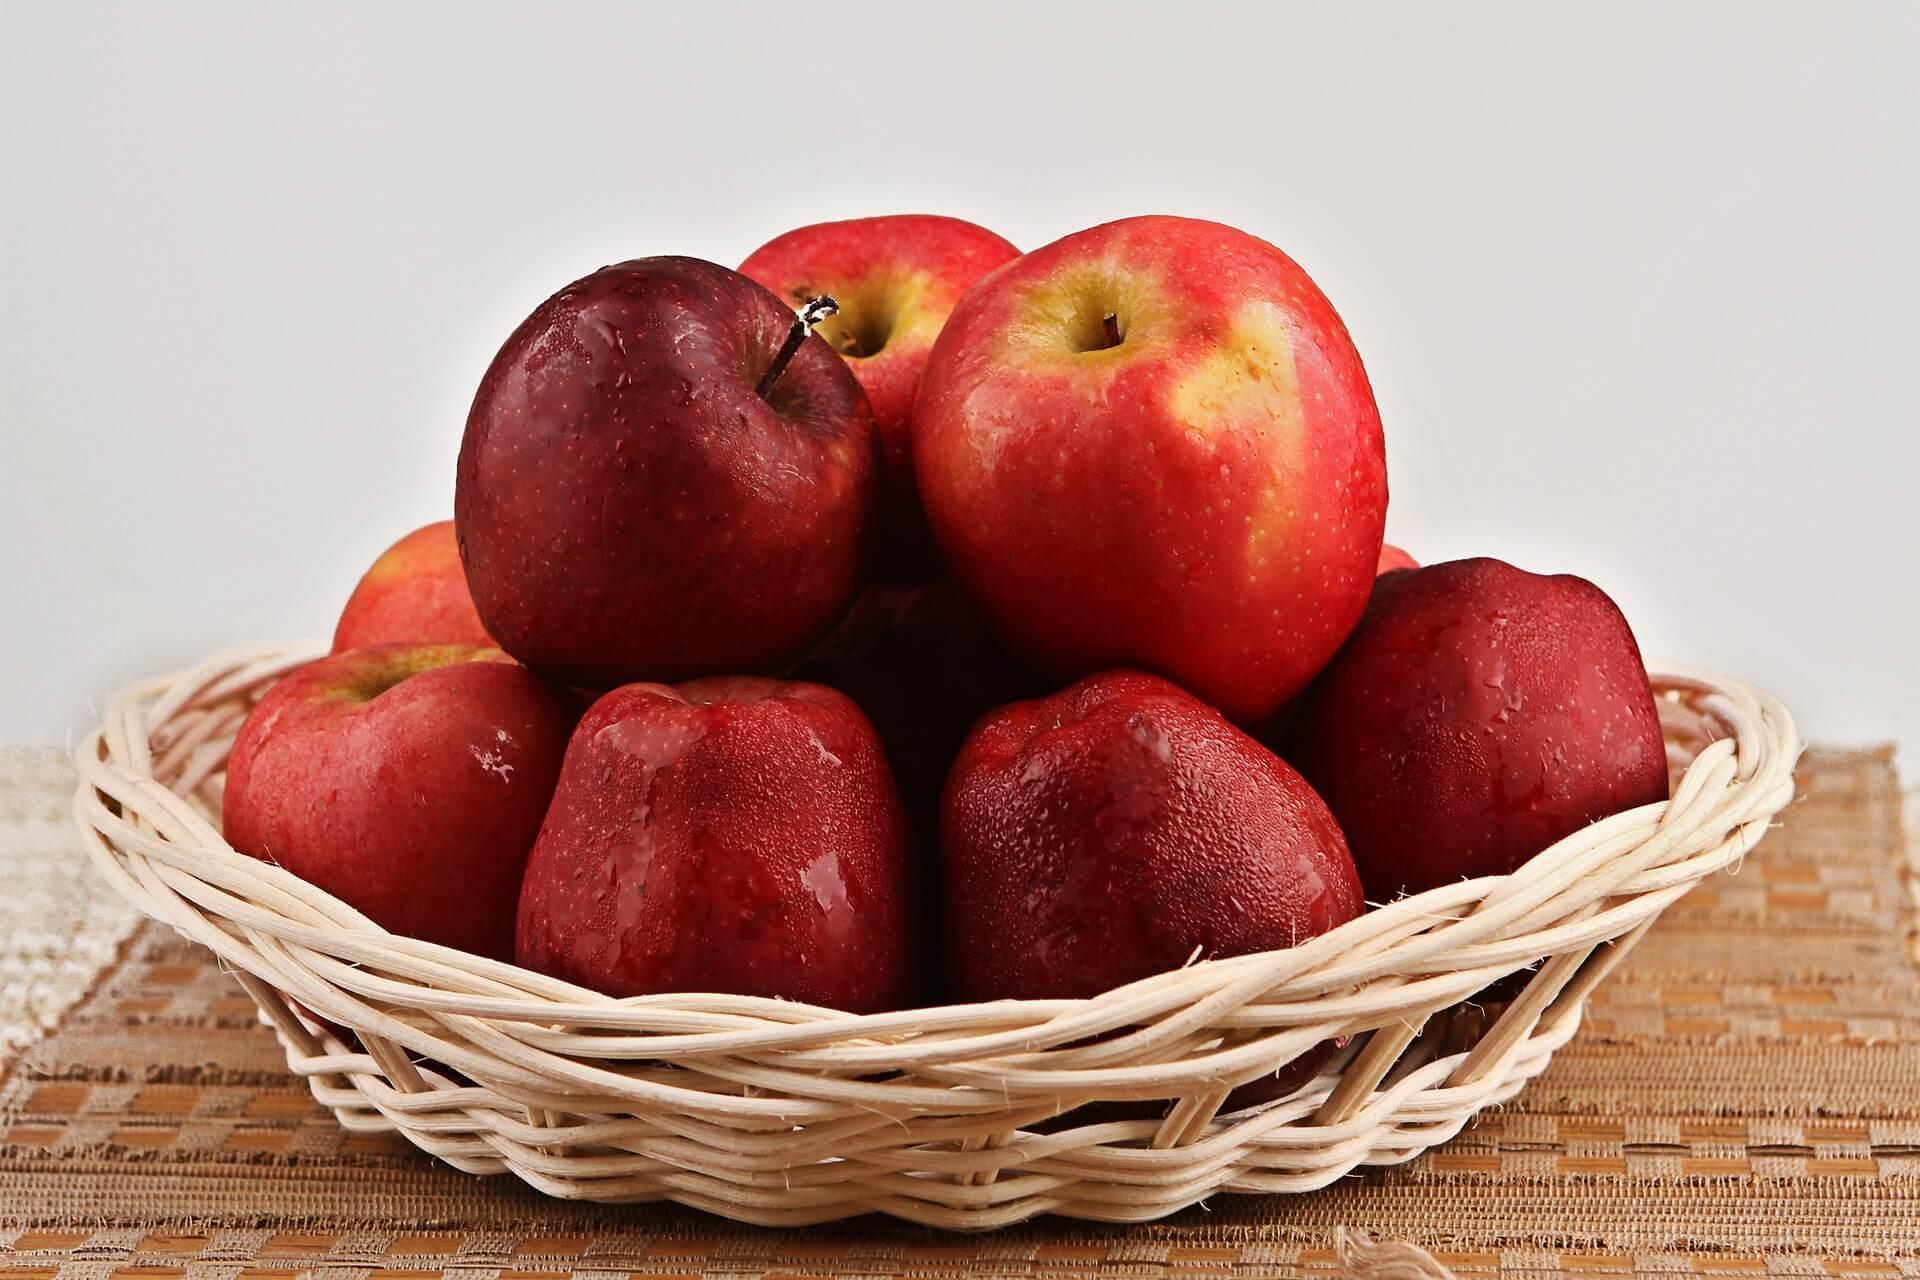 μήλα, φρούτα